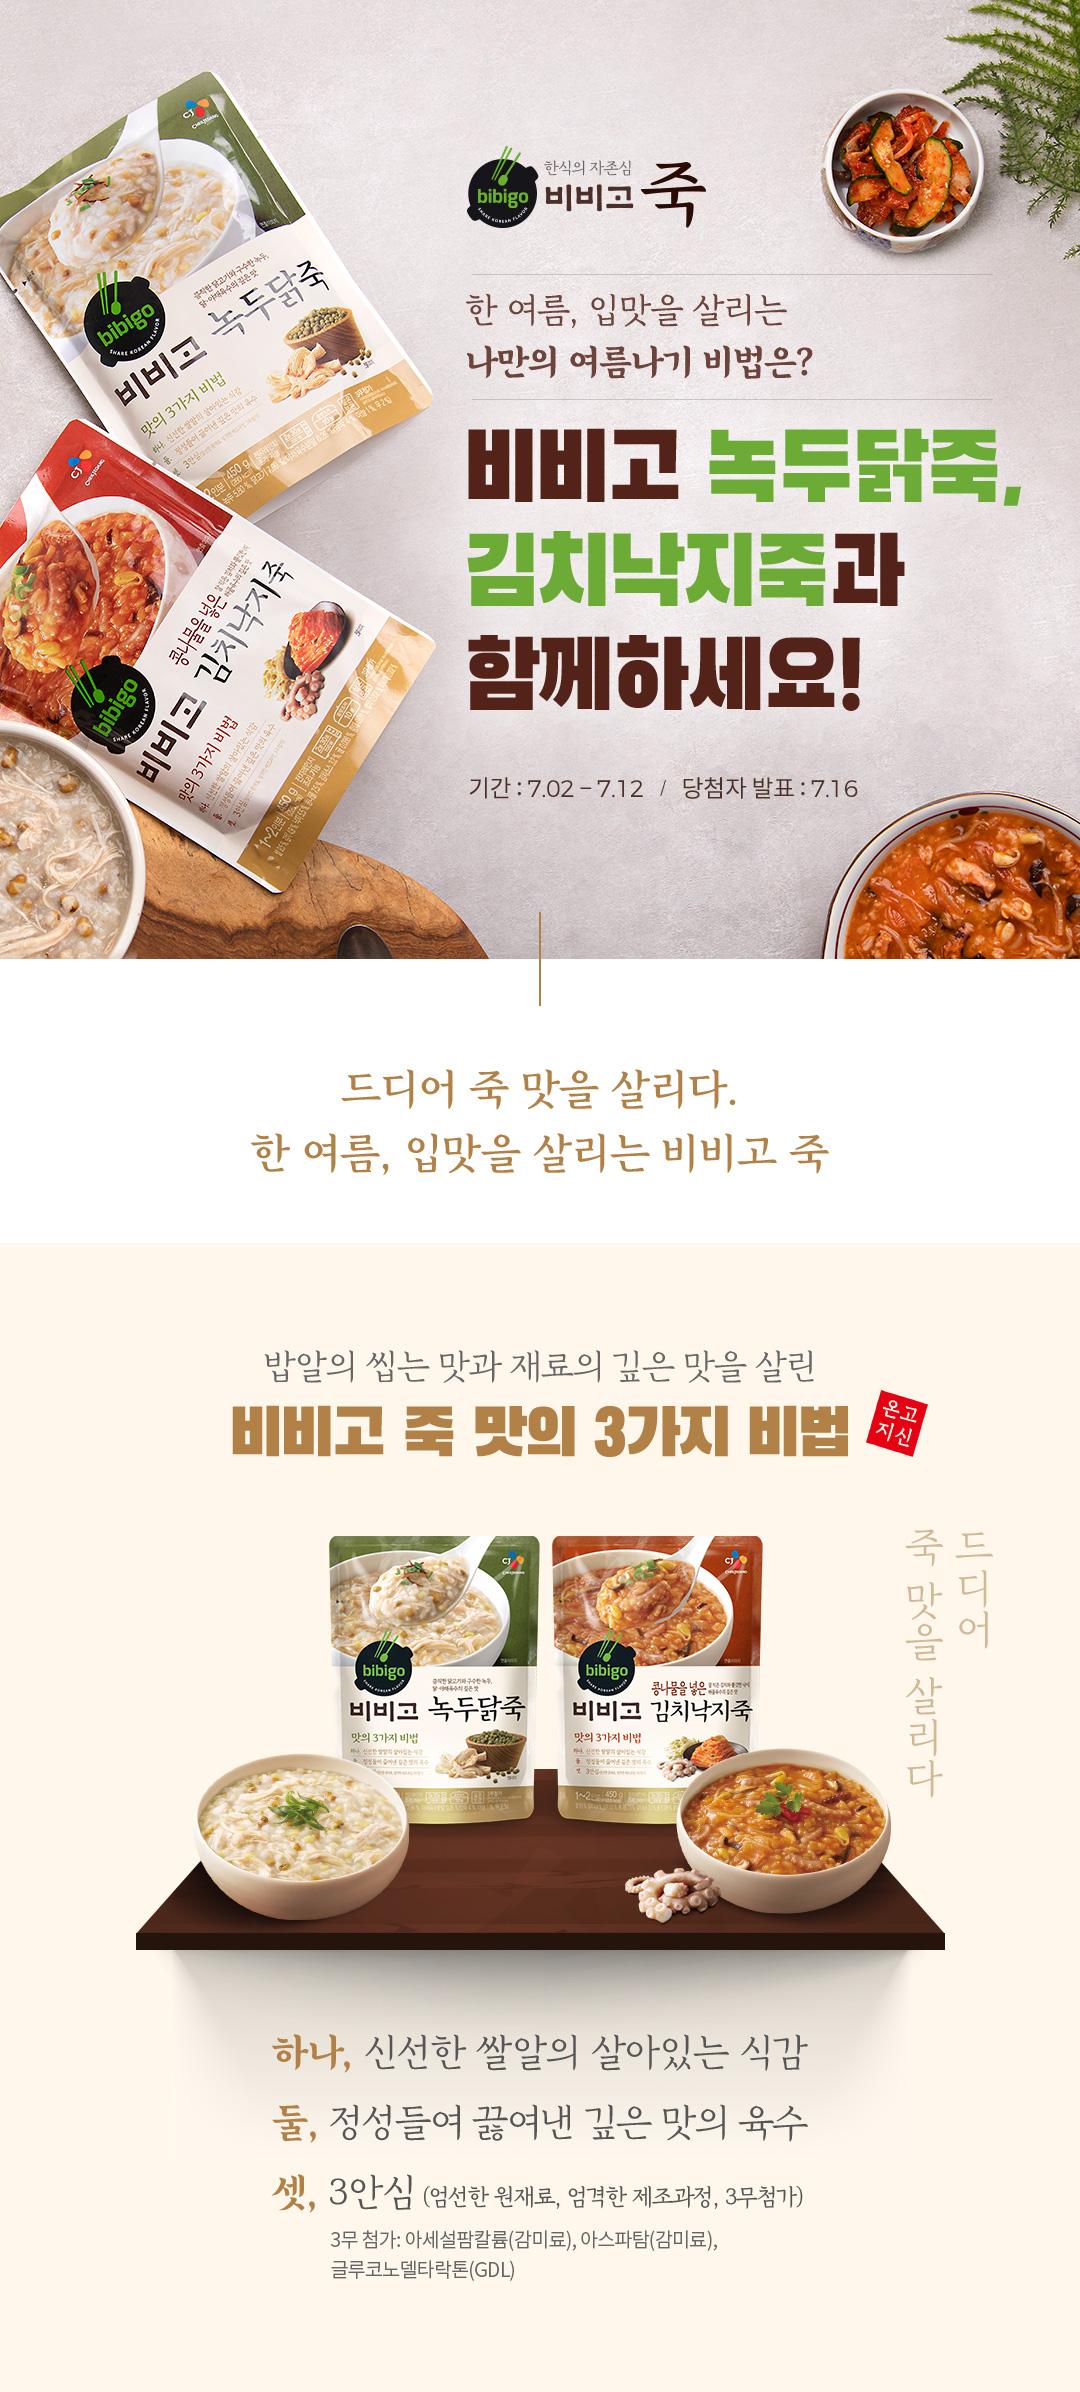 한 여름, 입맛을 살리는 나만의 여름나기 비법은? 비비고 녹두닭죽, 김치낙지죽과 함께하세요!